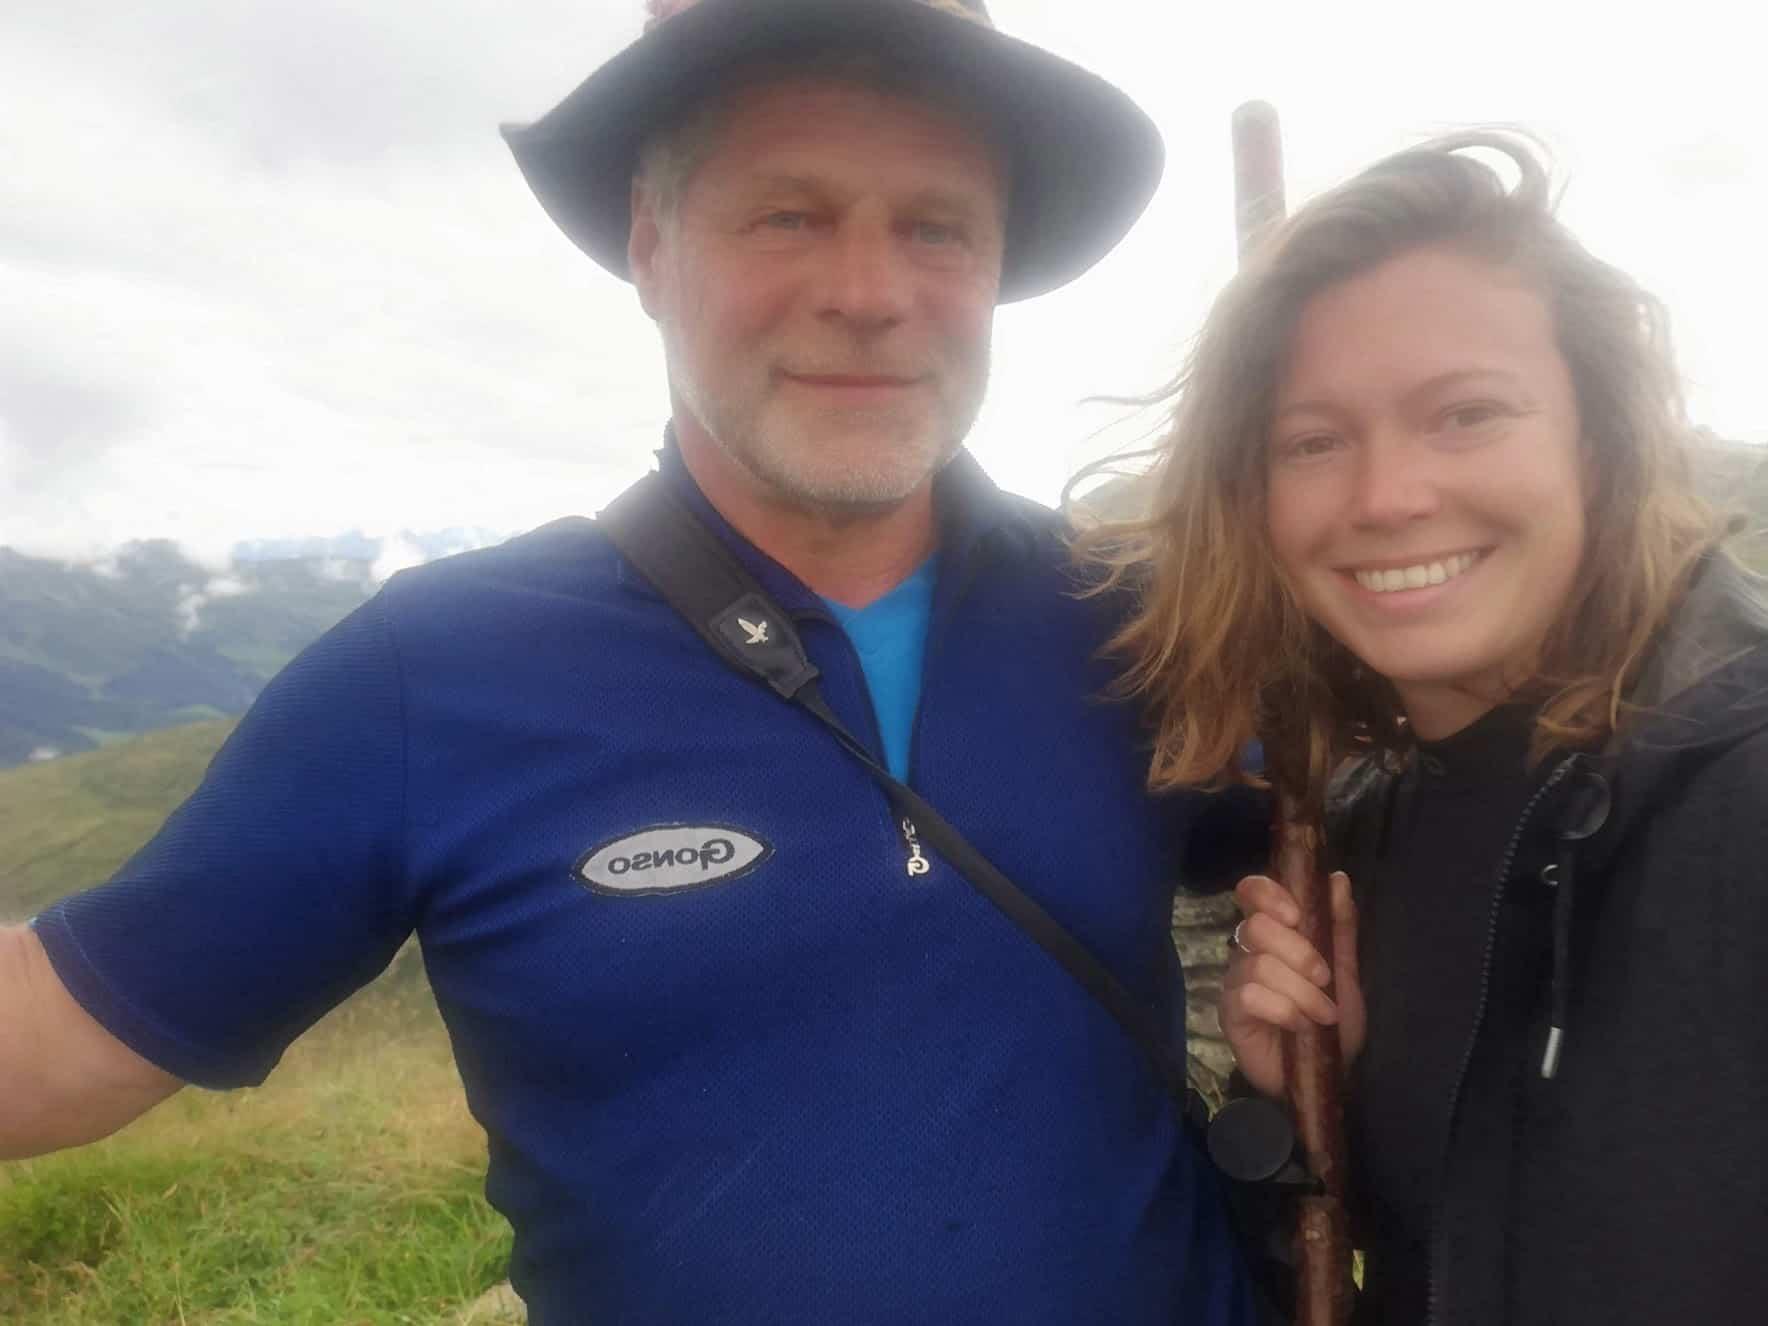 Bianca Blasl und Walter Kofler beim Schafesuchen auf der Alm in Tirol